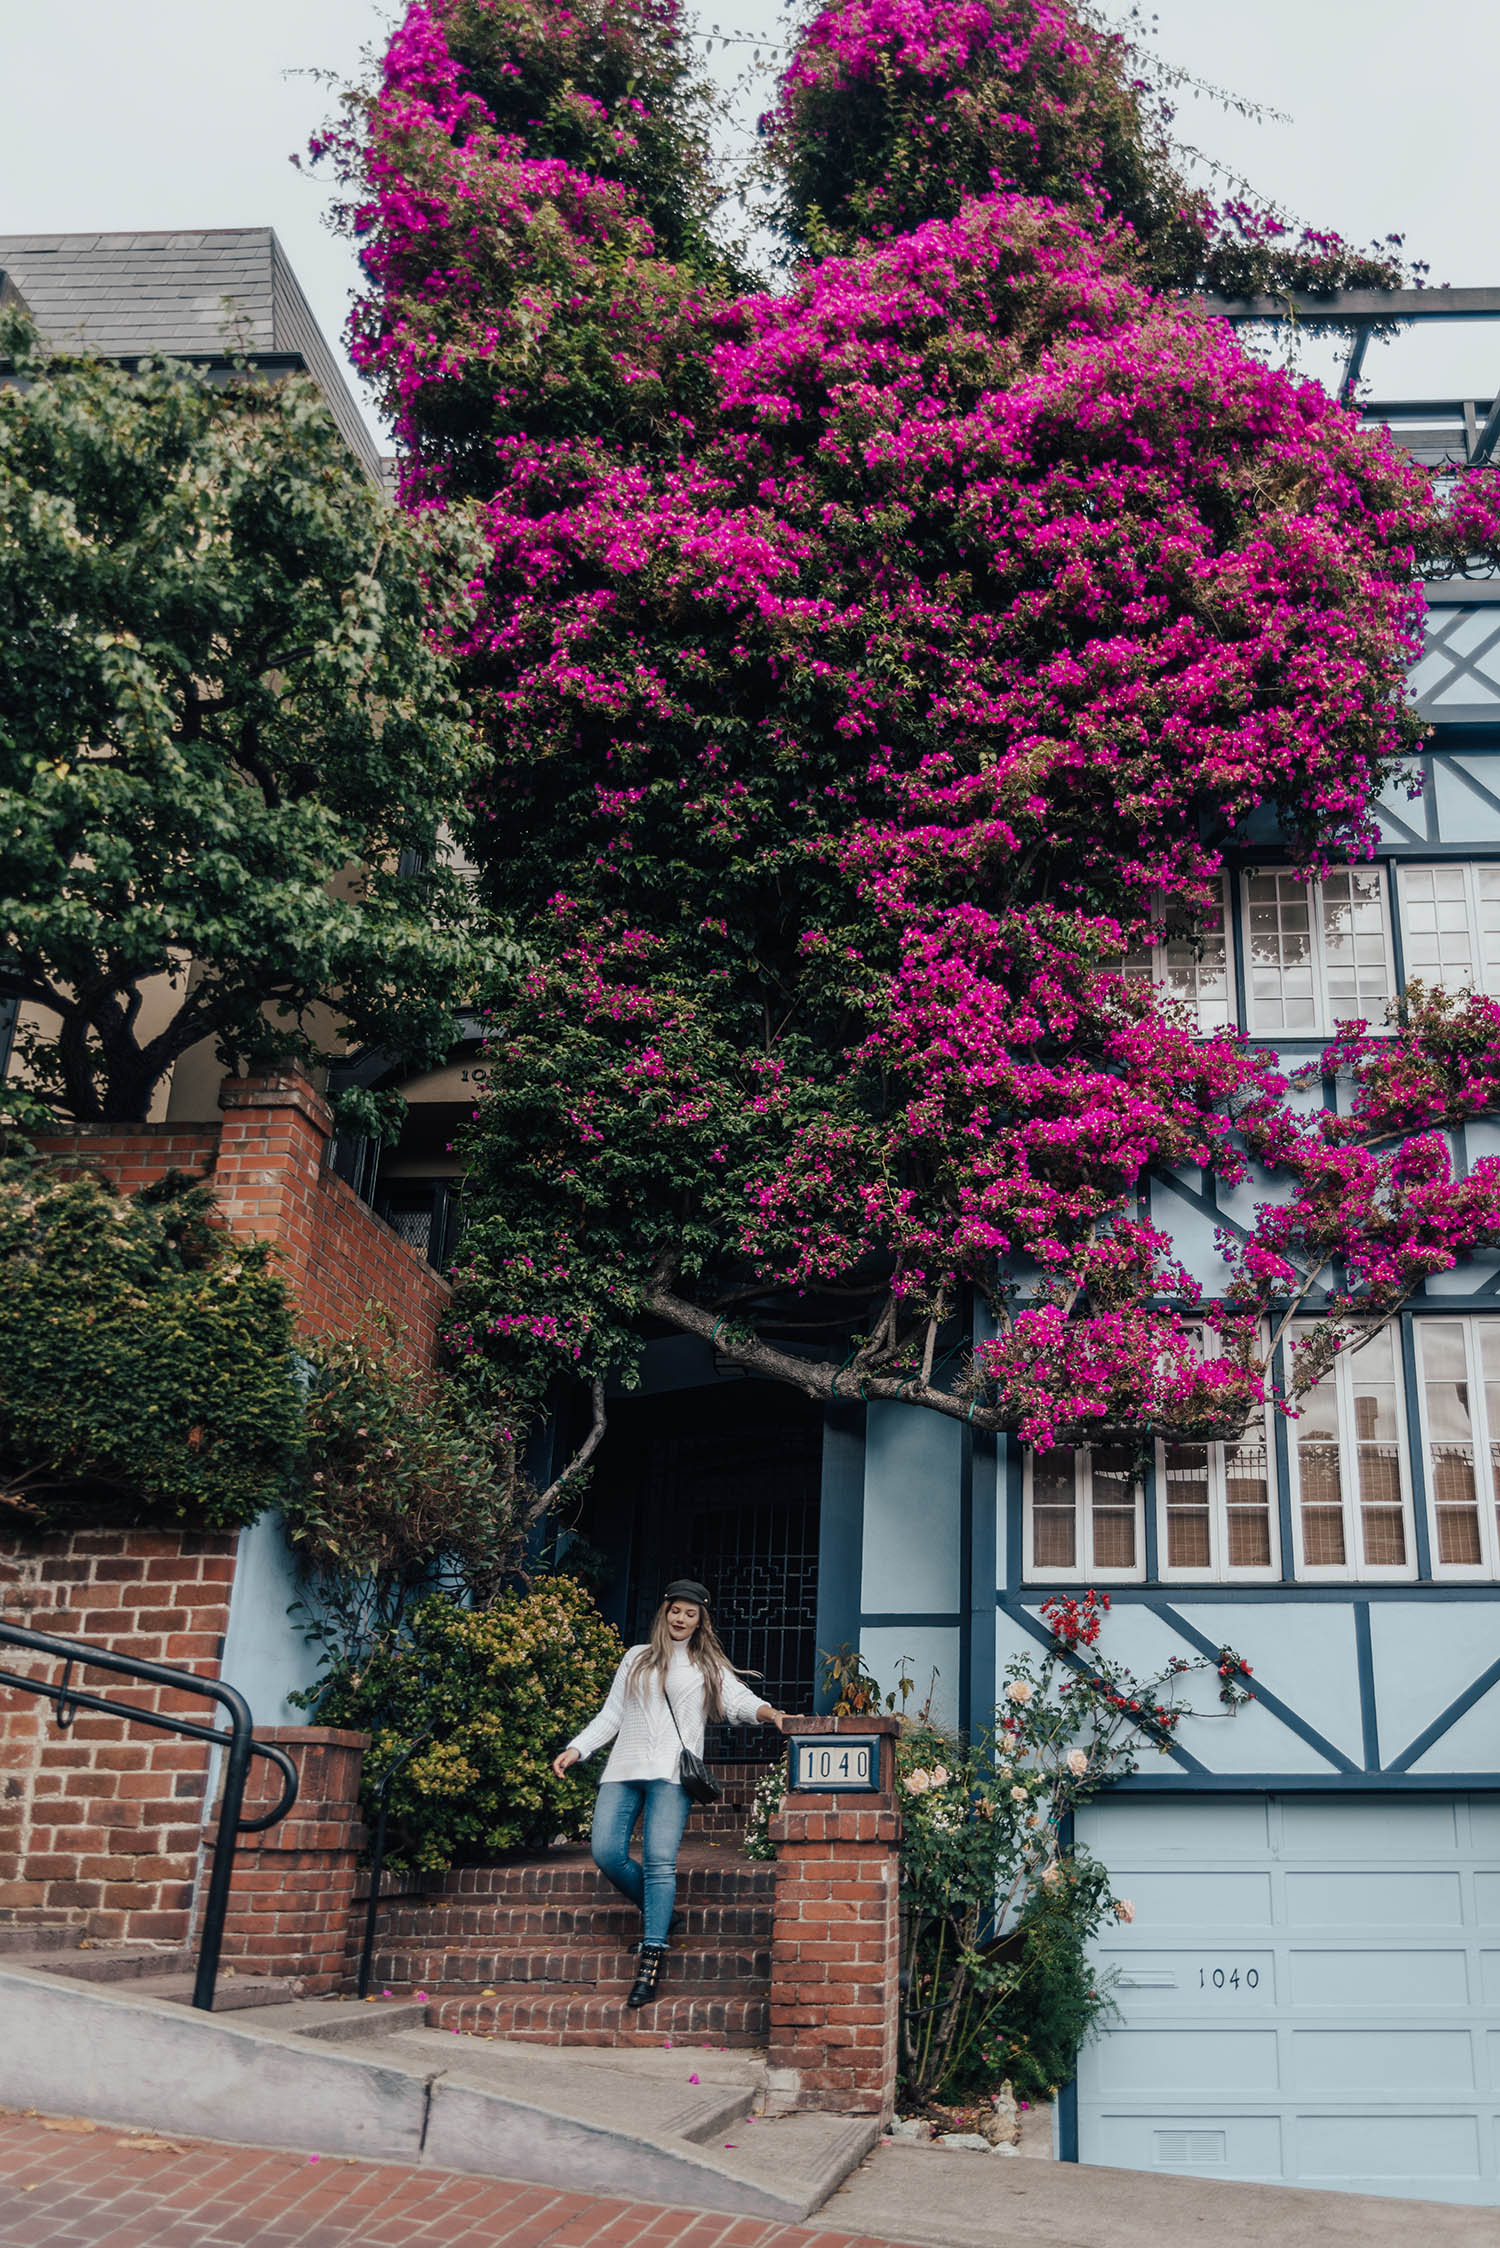 Instagramvänliga platser i San Francisco / Adaras på Lombard Street